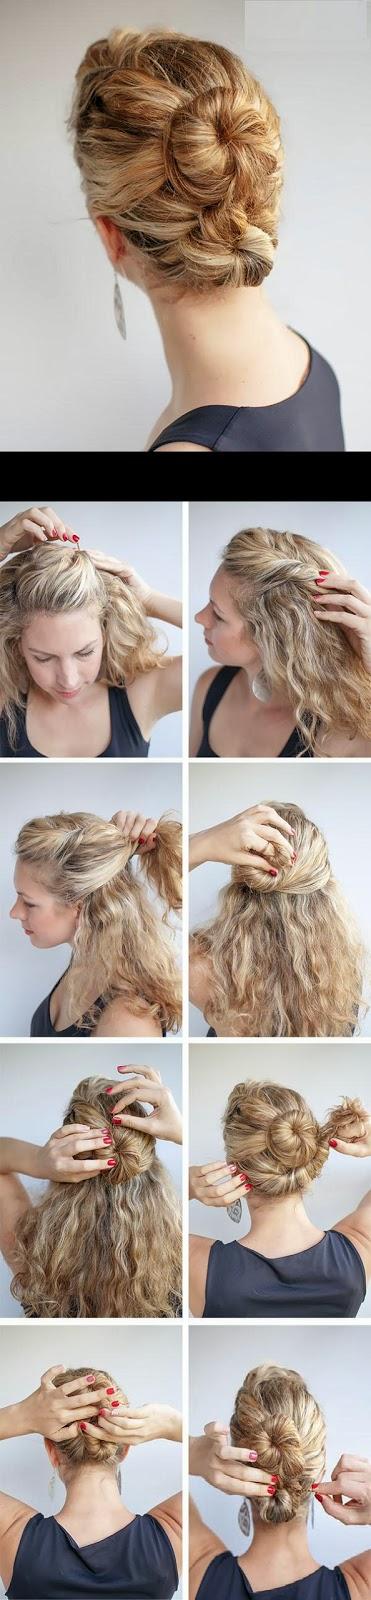 Comment se faire une coupe de cheveux soi meme michele pfeifer blog - Comment couper une frange soi meme ...